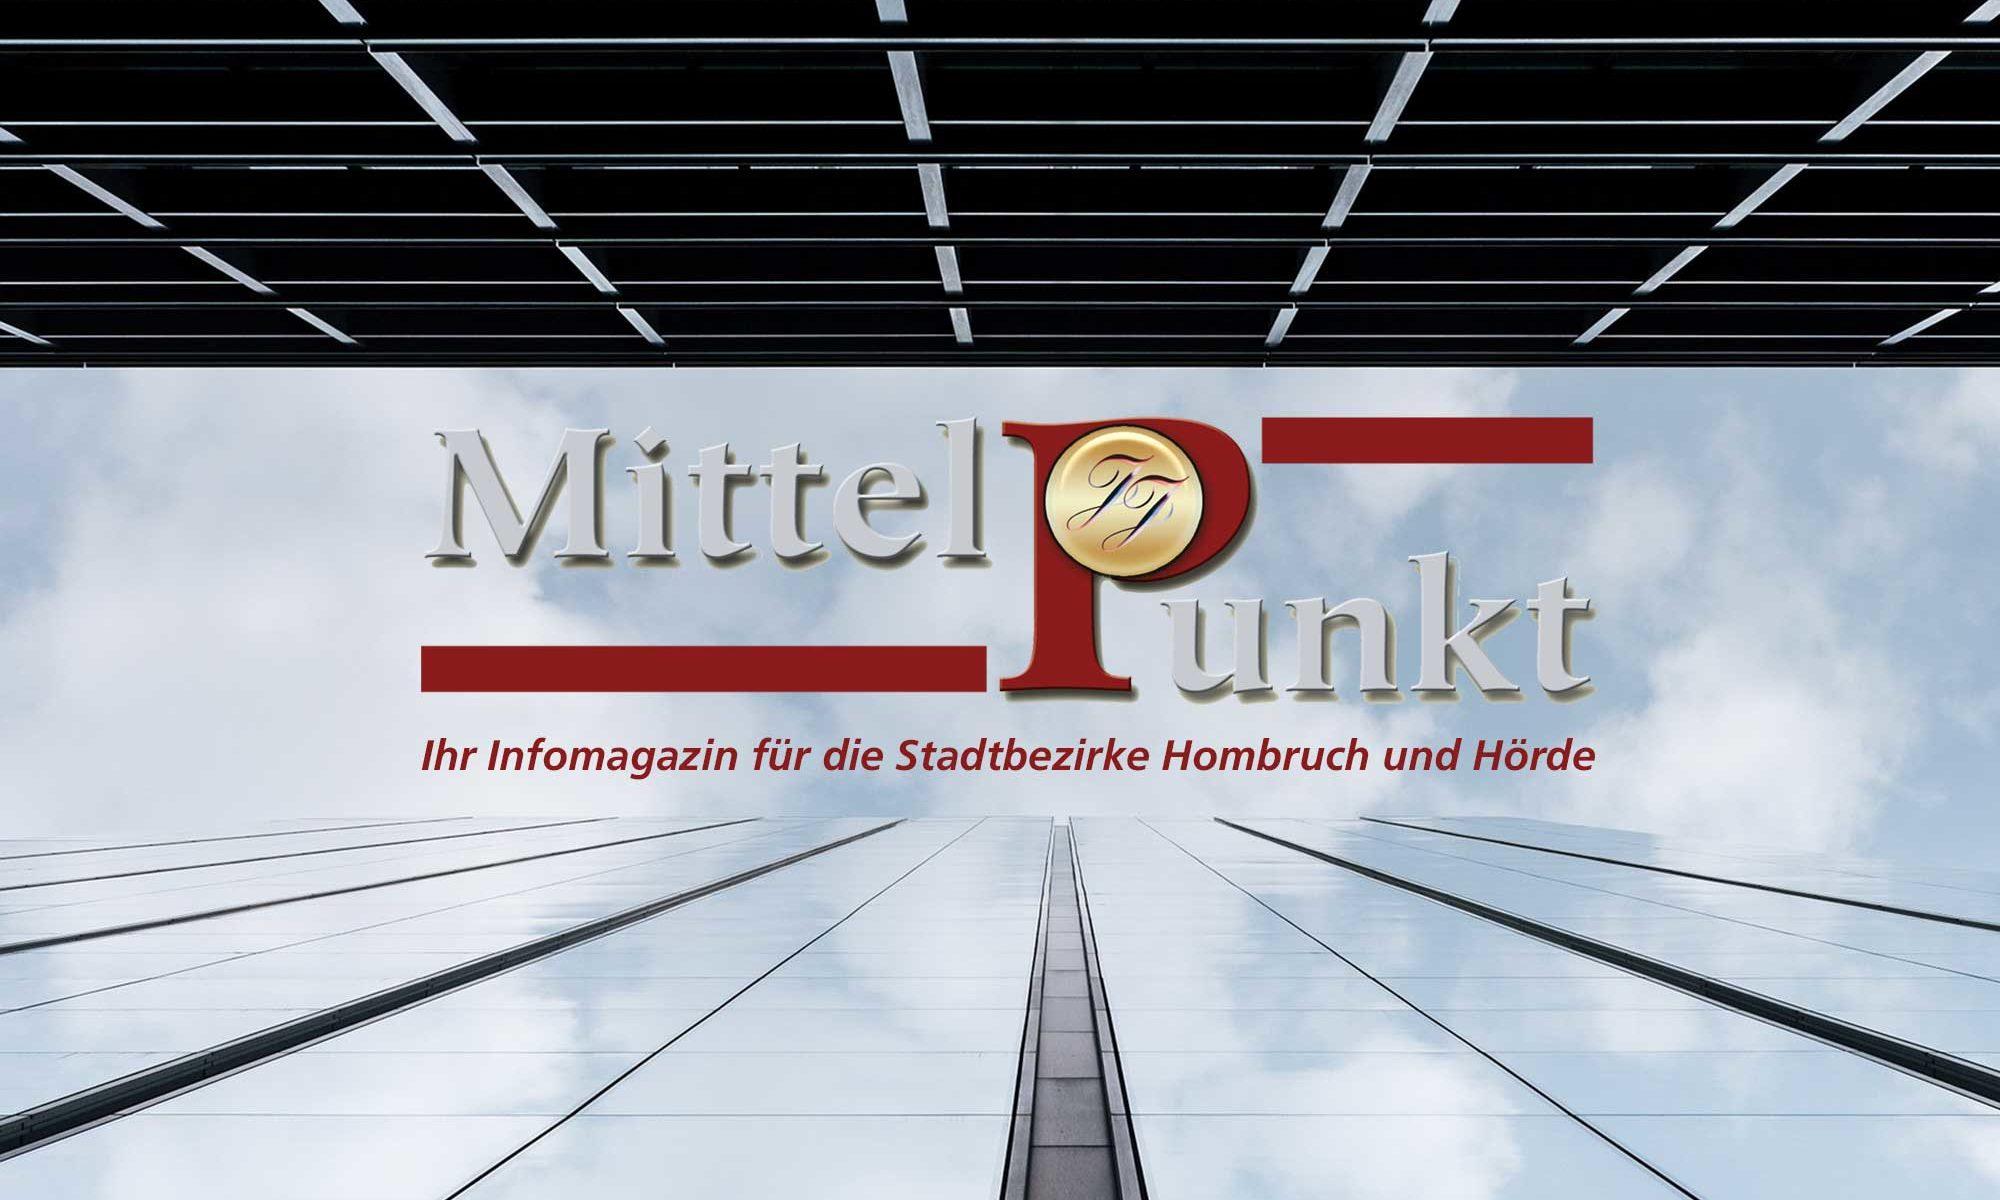 www.infomagazin-mittelpunkt.de